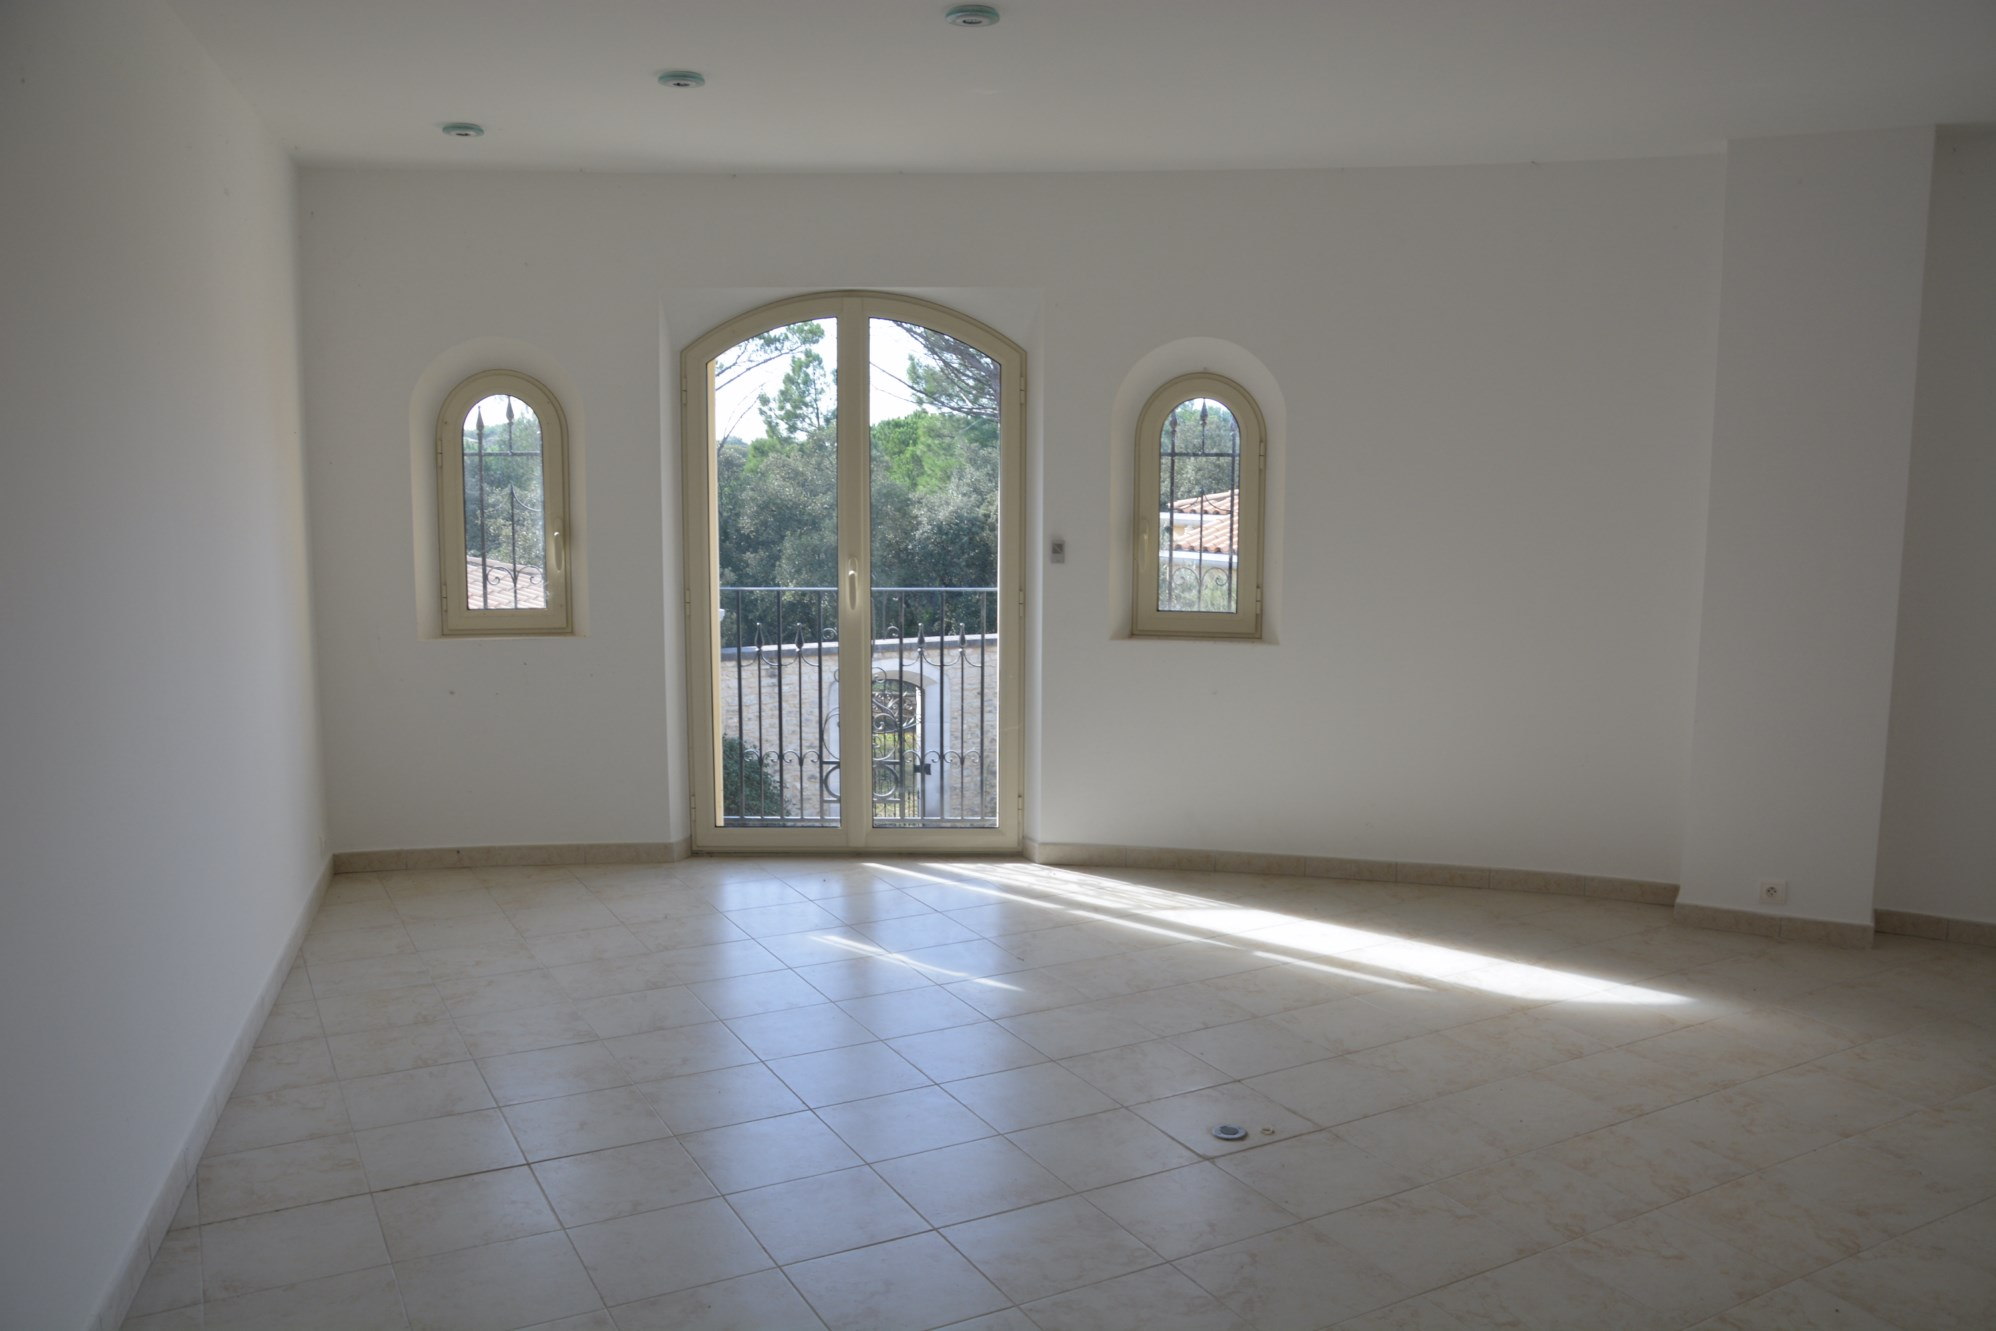 A vendre en Drôme Provençale,  maison néo-classique de près de 700 m²  sur un parc de 16 000 m² avec piscine